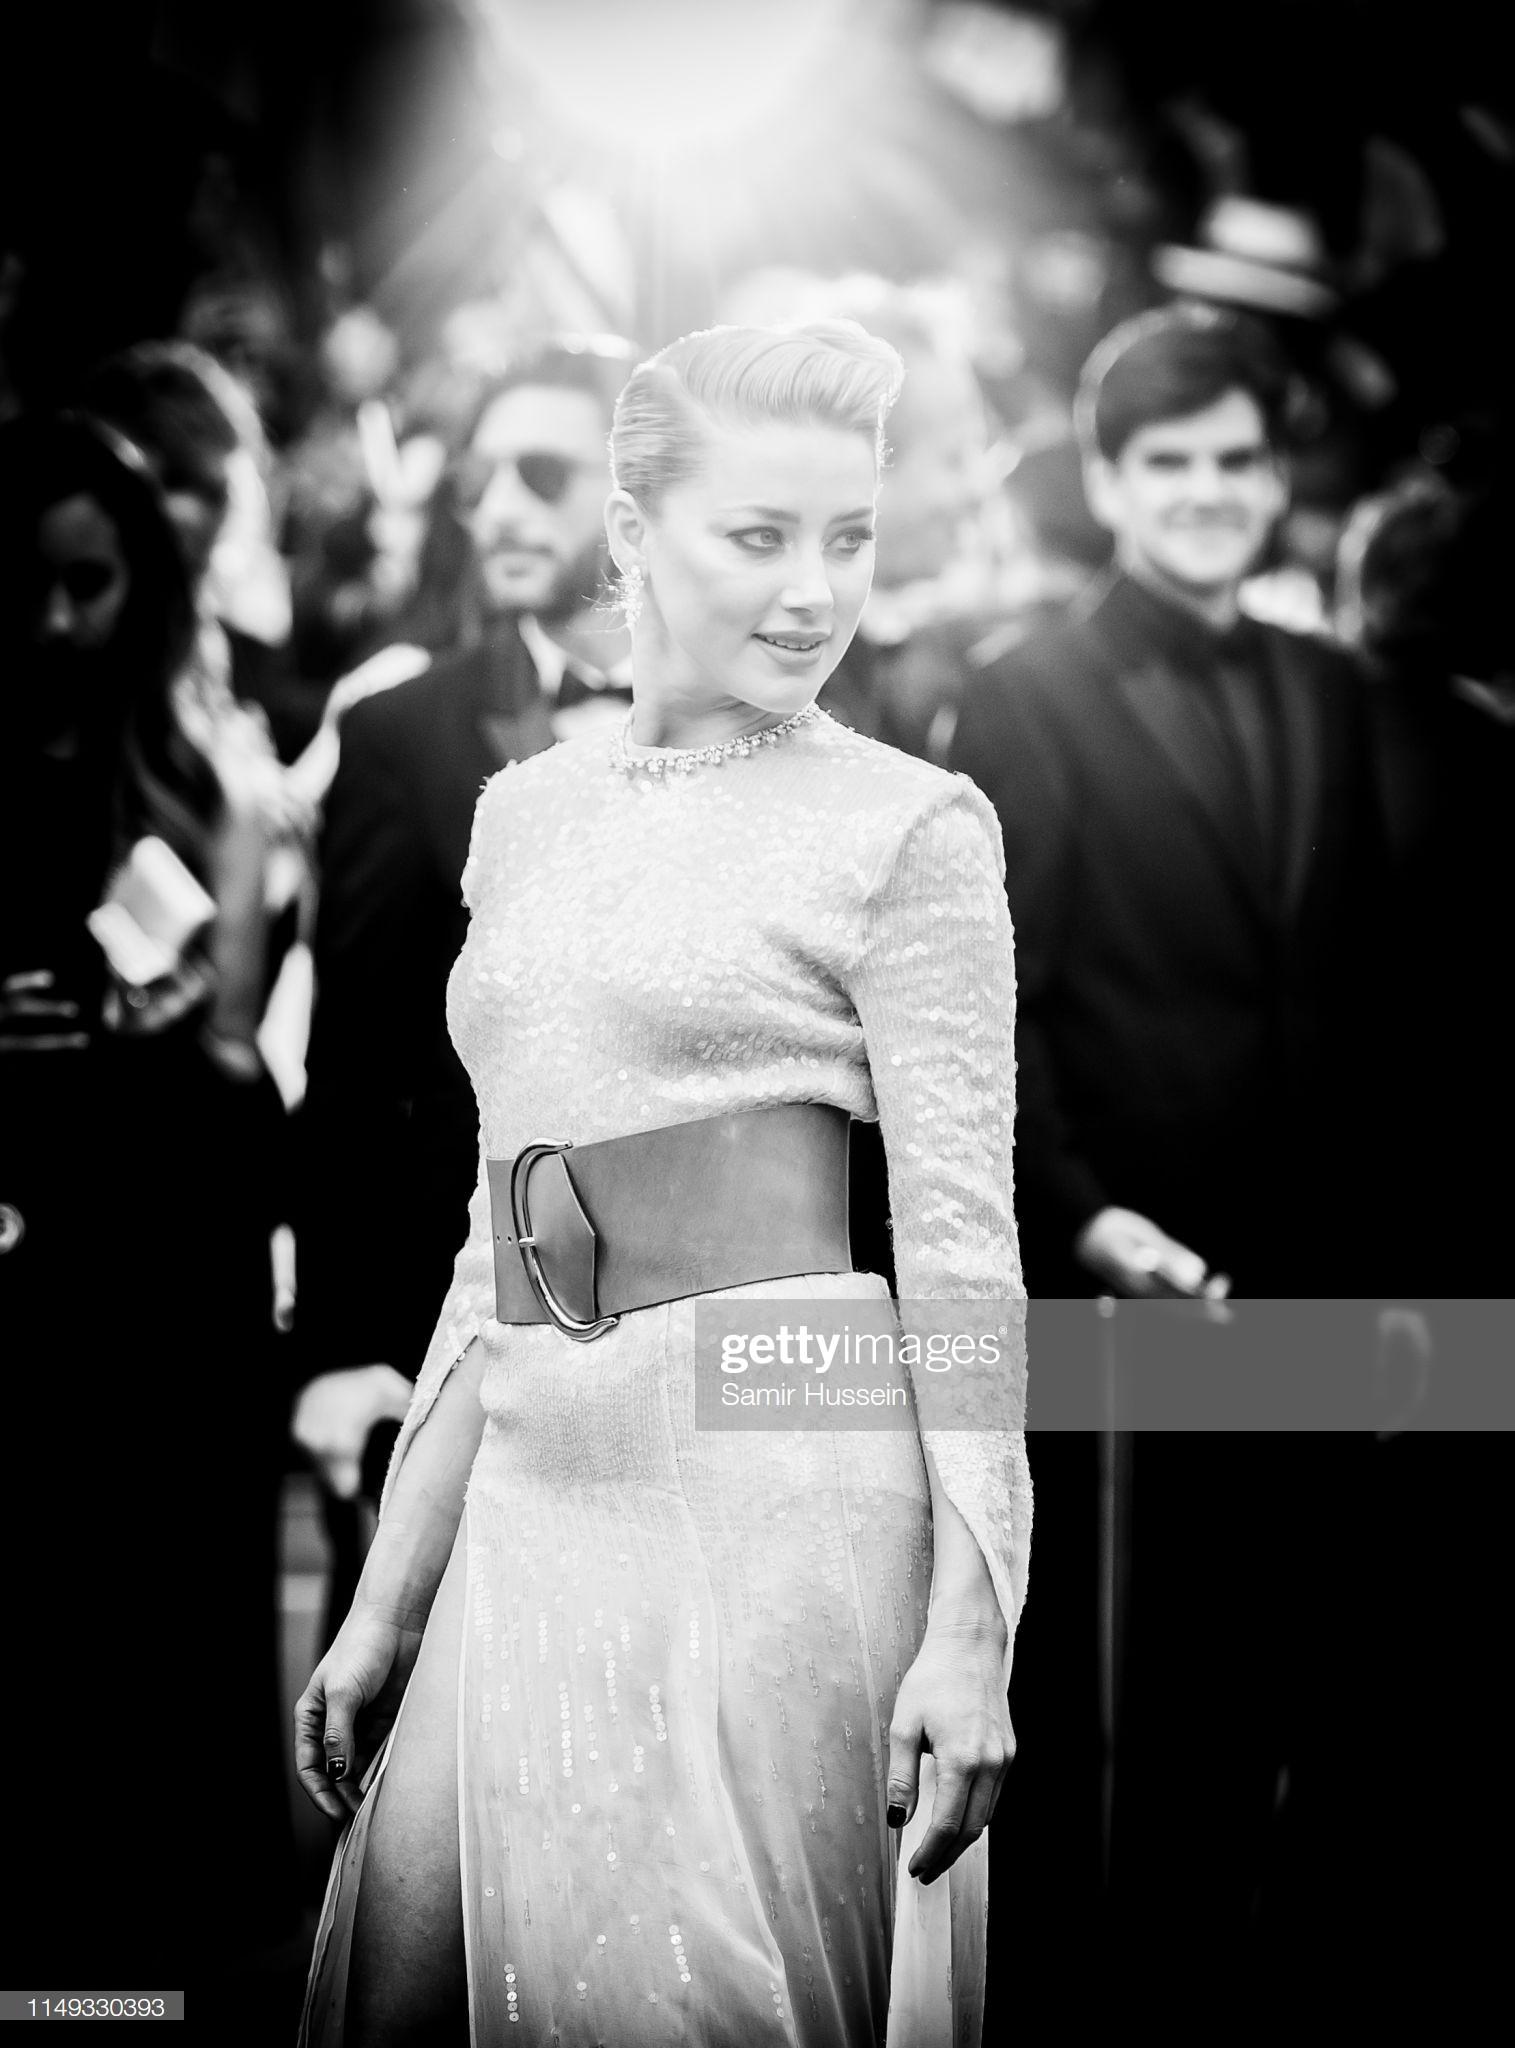 Top khoảnh khắc đắt giá nhất Cannes 2019: Dàn mỹ nhân 9X bất ngờ chiếm đa số, Selena và cặp đôi Brooklyn ấn tượng mạnh - Ảnh 17.